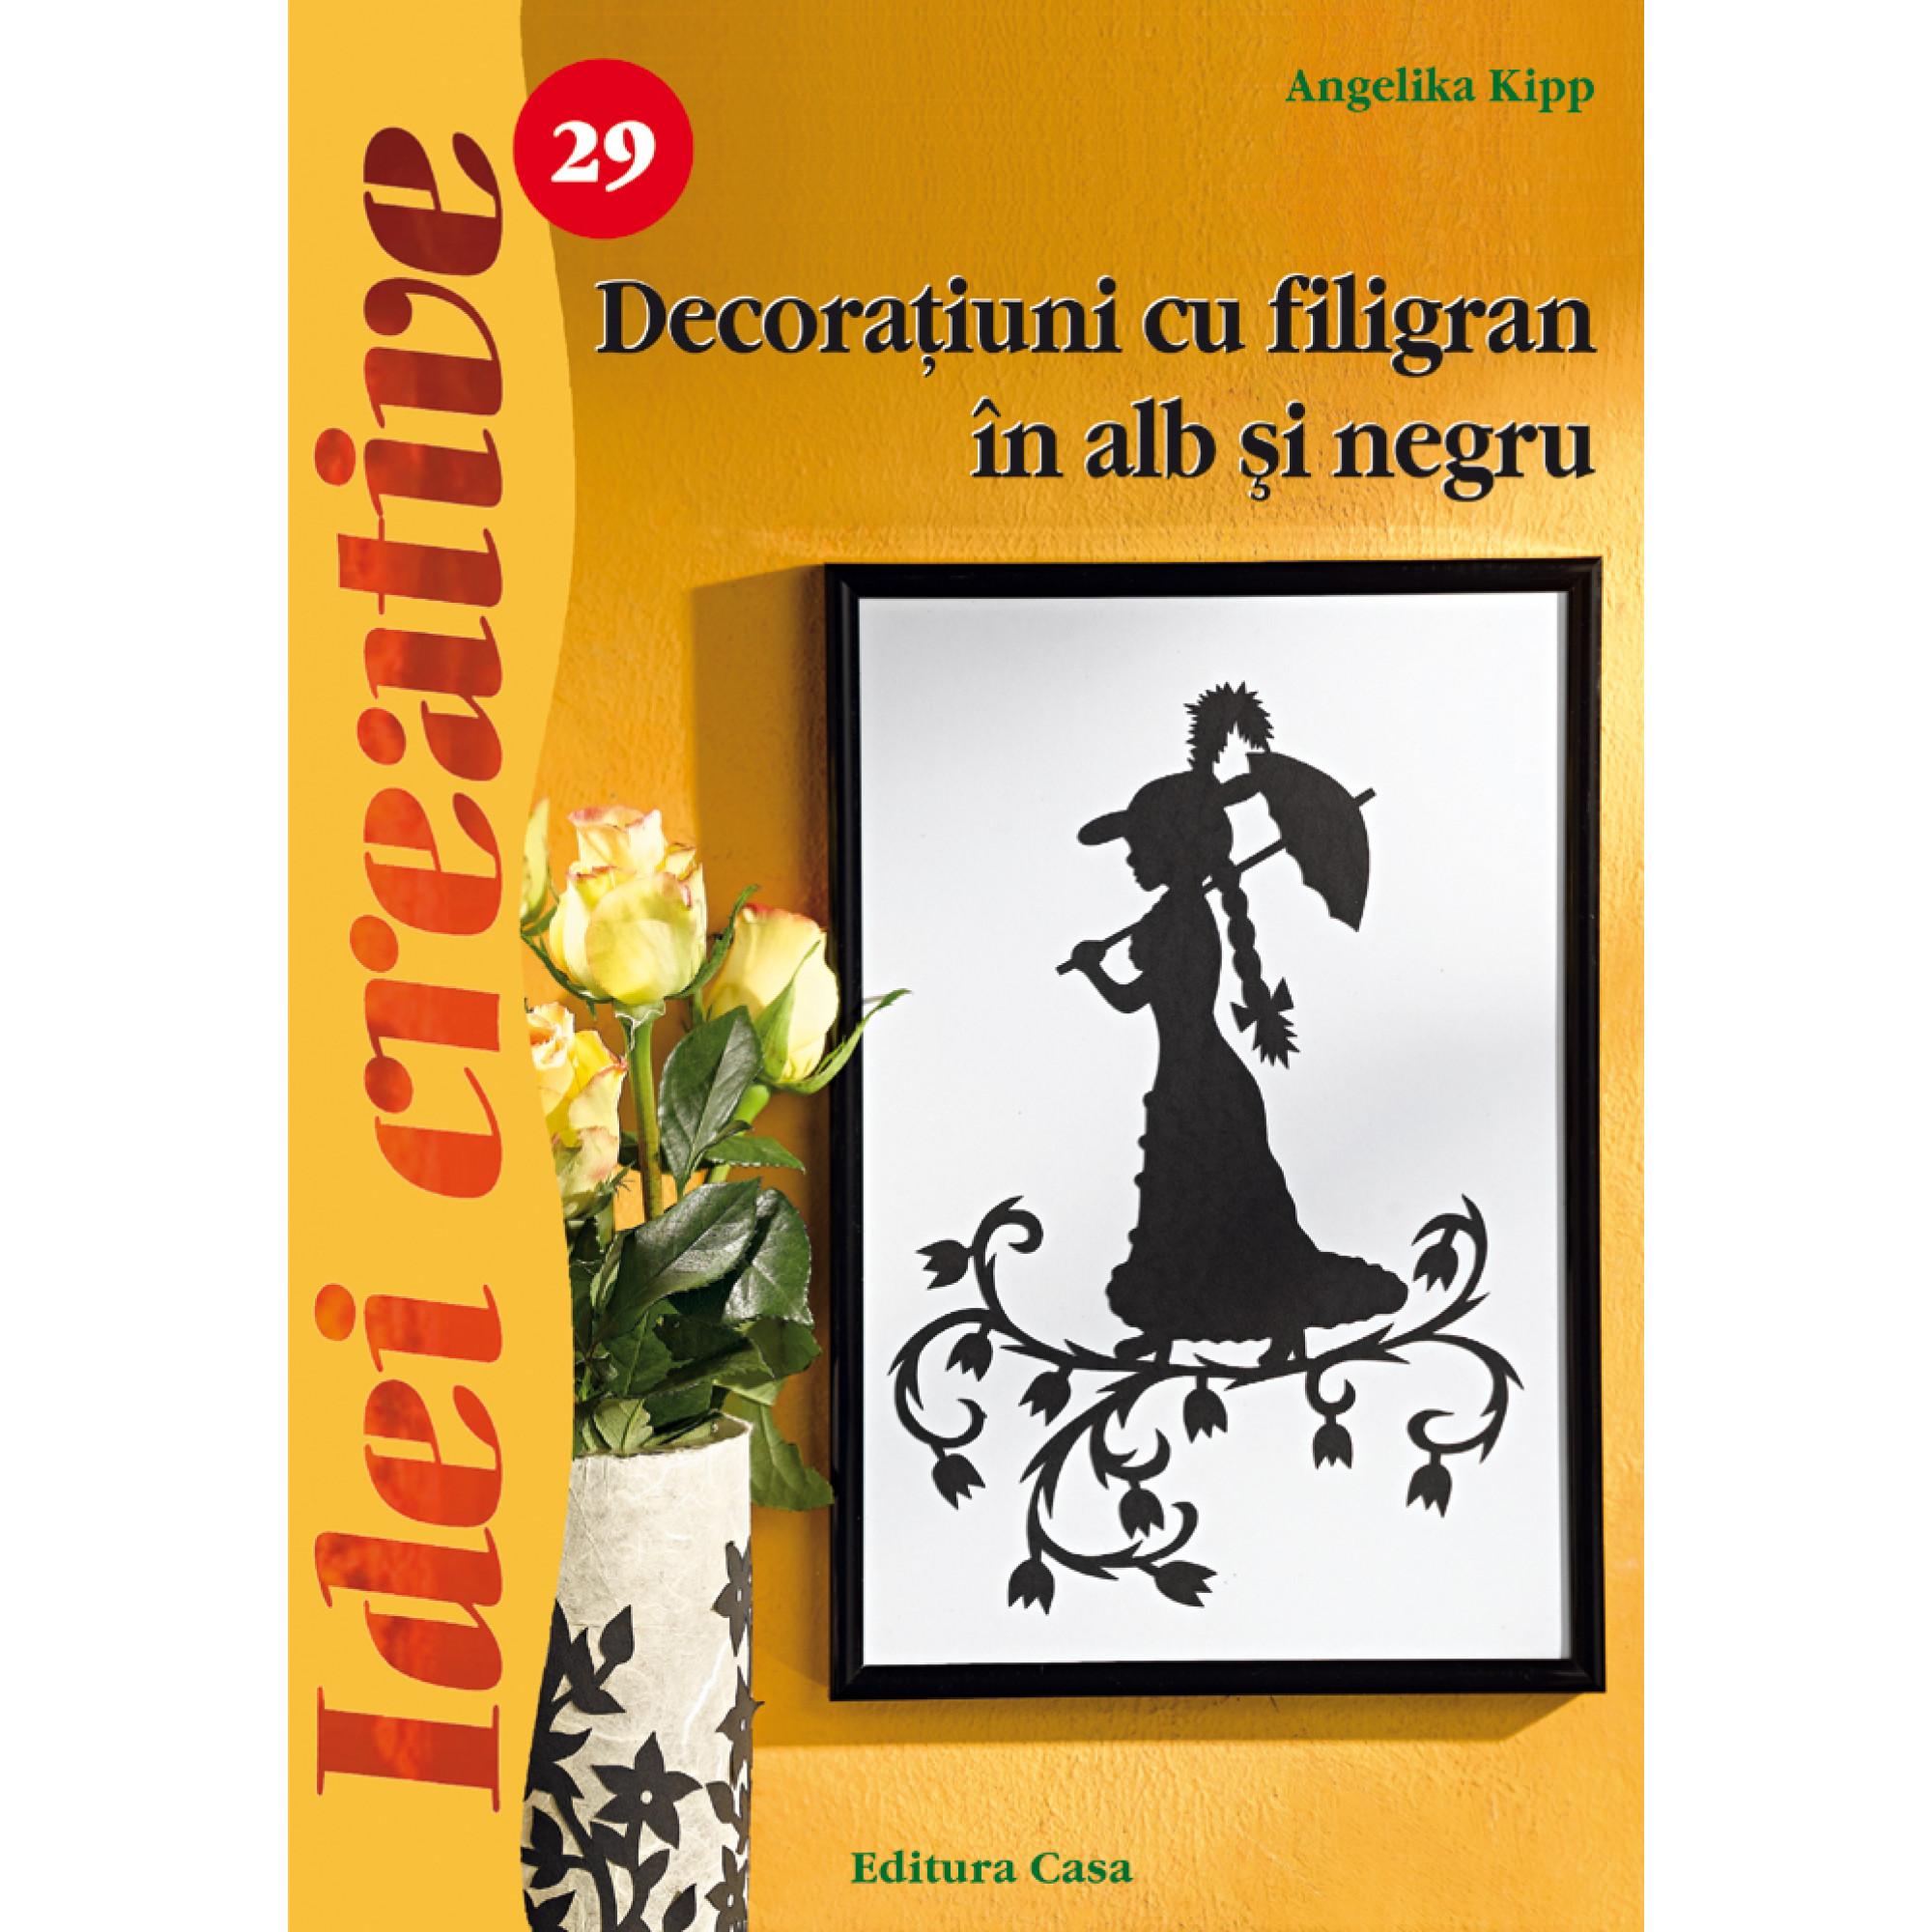 Decoraţiuni cu filigran în alb şi negru - Ed. a II a revazutã